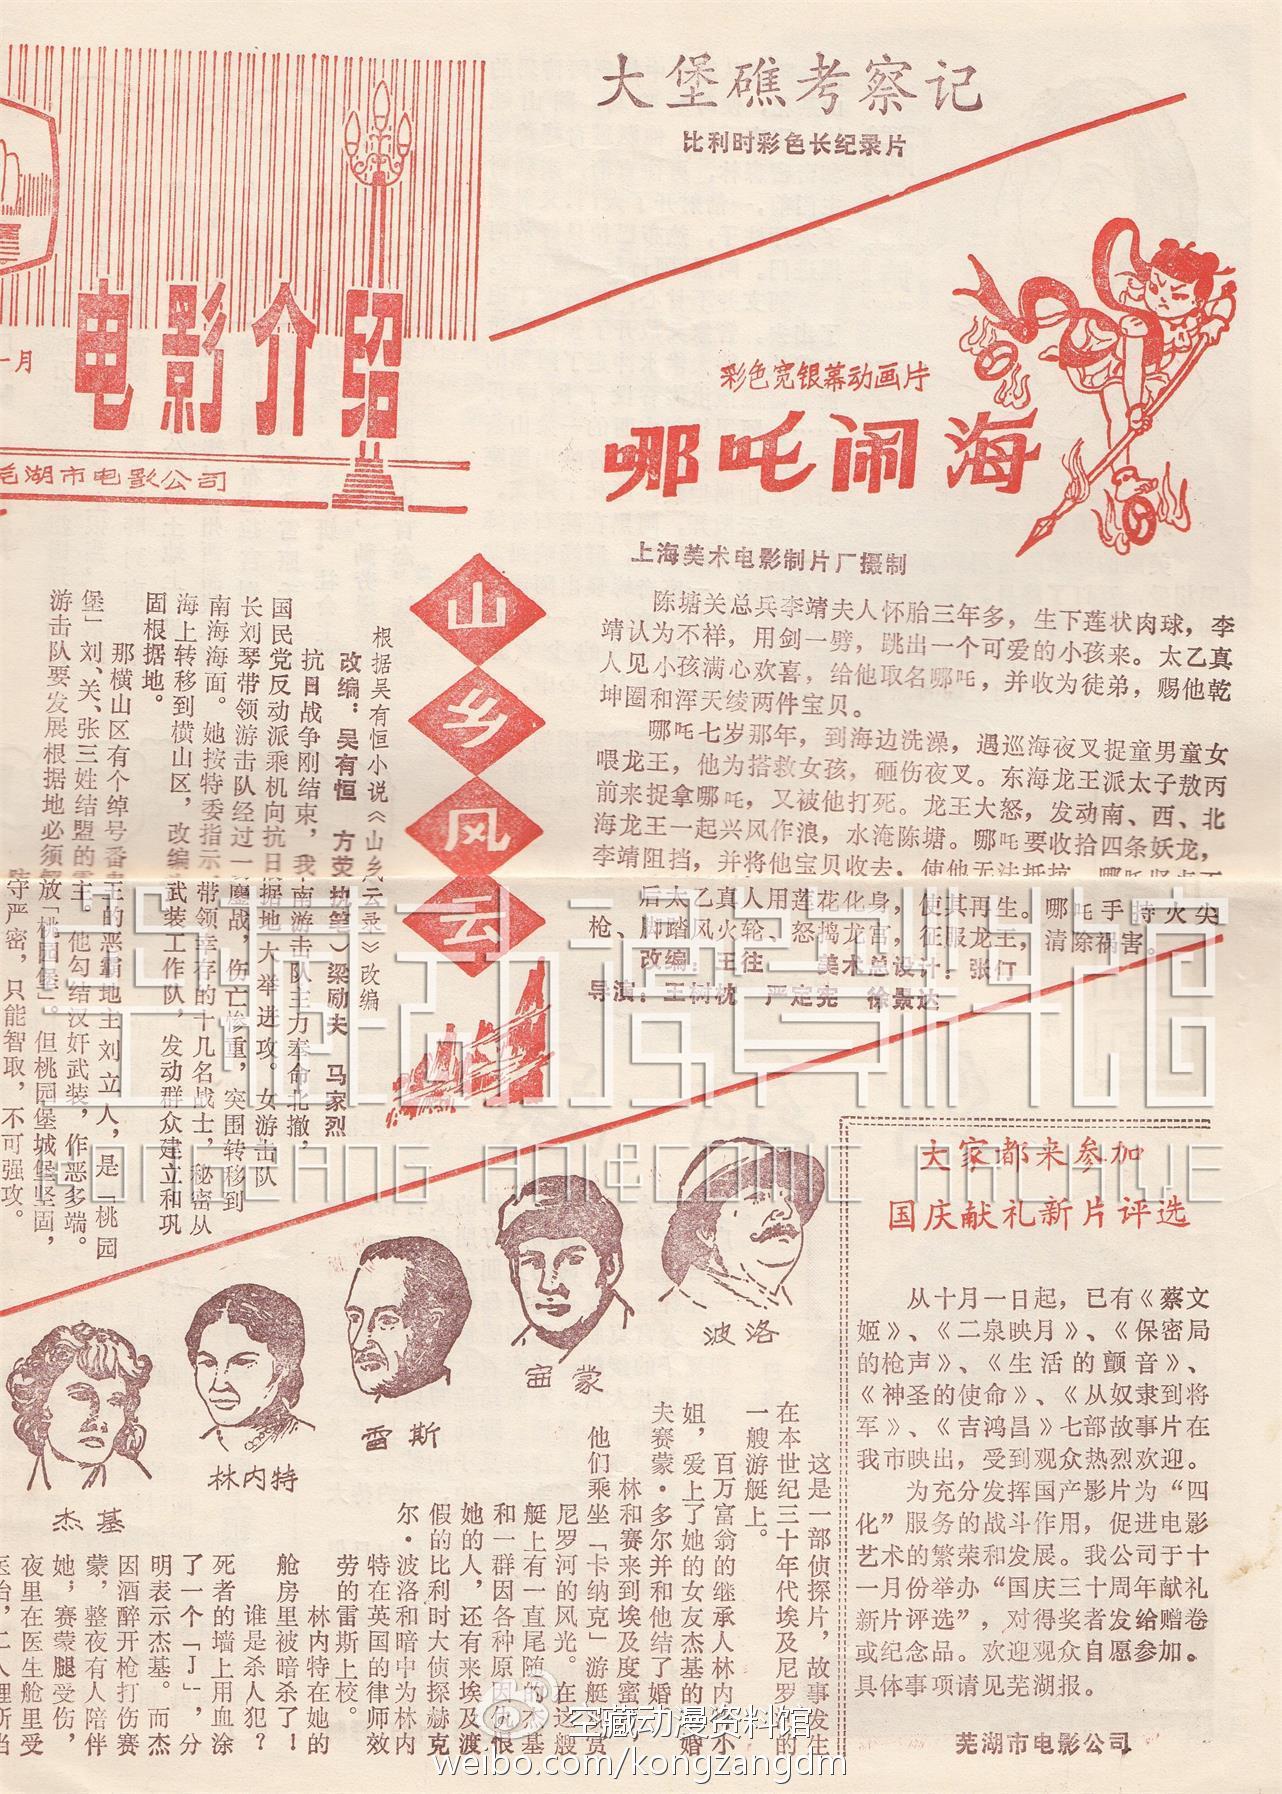 《电影介绍》 安徽省芜湖市电影公司 1979年11月 空藏动漫资料馆\藏